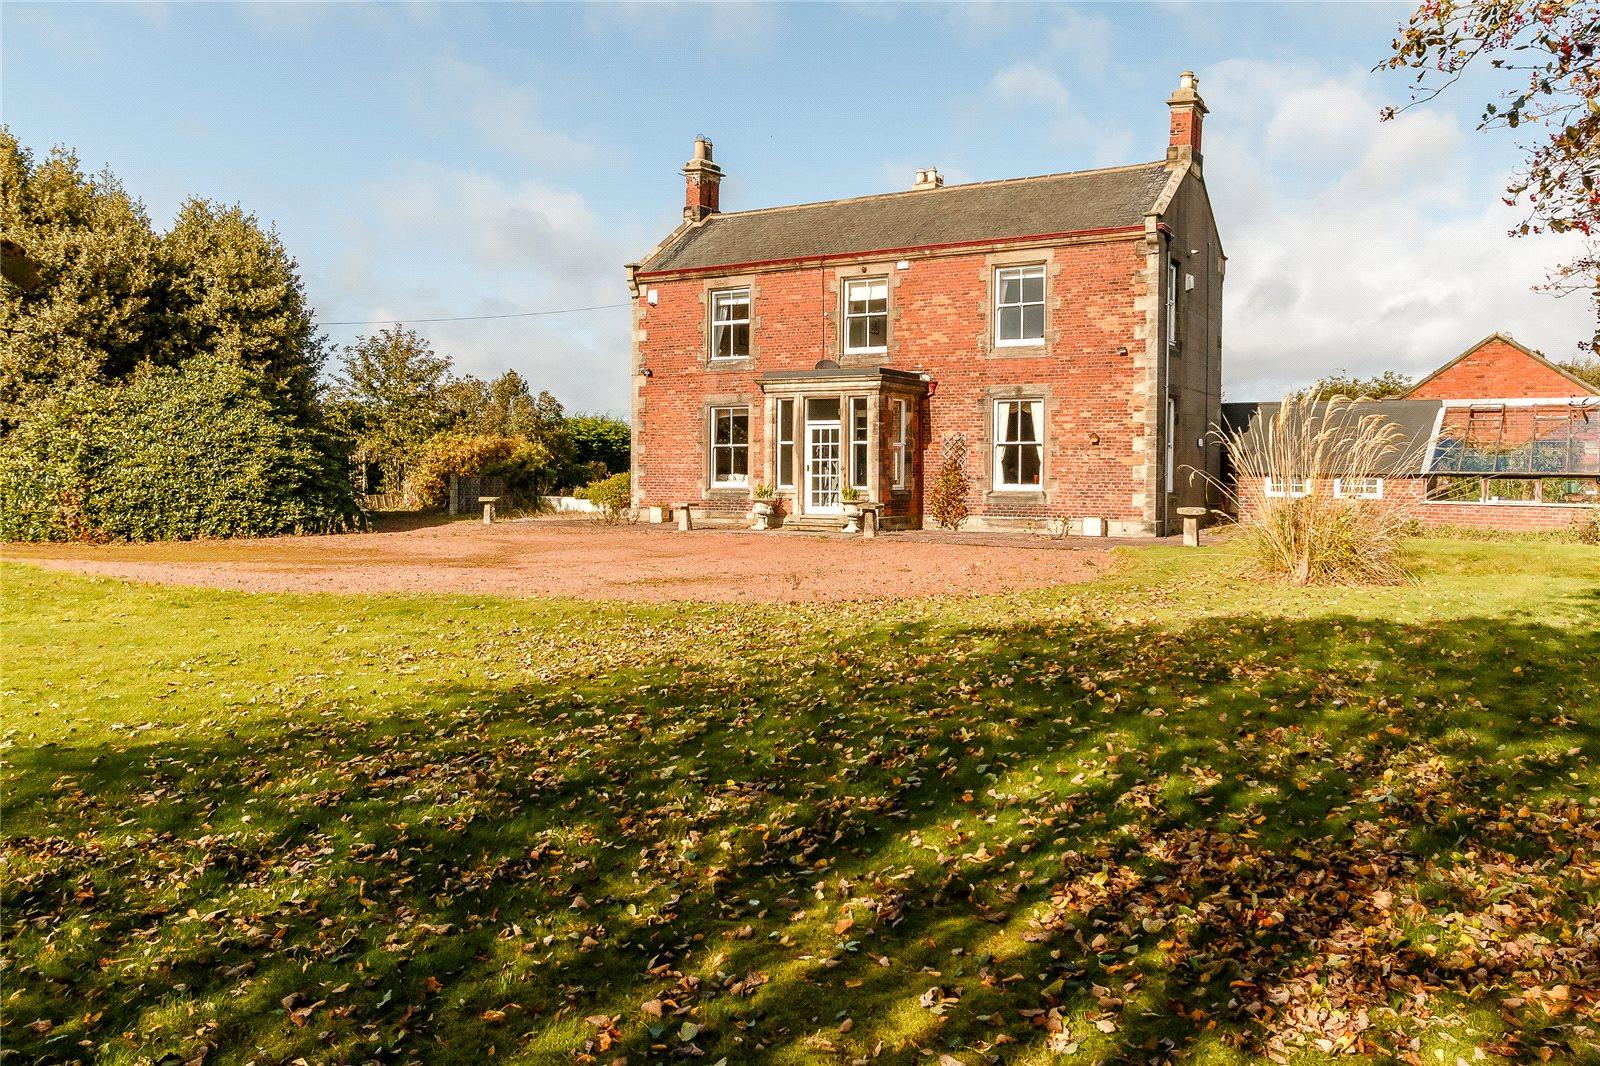 Maison unifamiliale pour l Vente à Morpeth, Northumberland, NE61 Morpeth, Angleterre